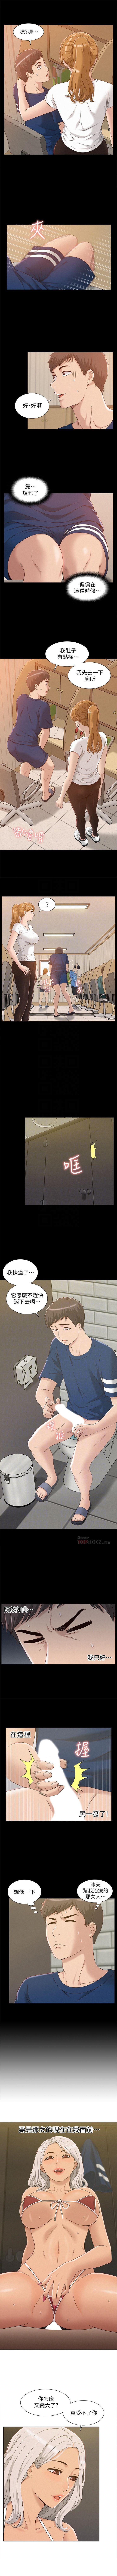 (周4)难言之隐 1-19 中文翻译(更新中) 17